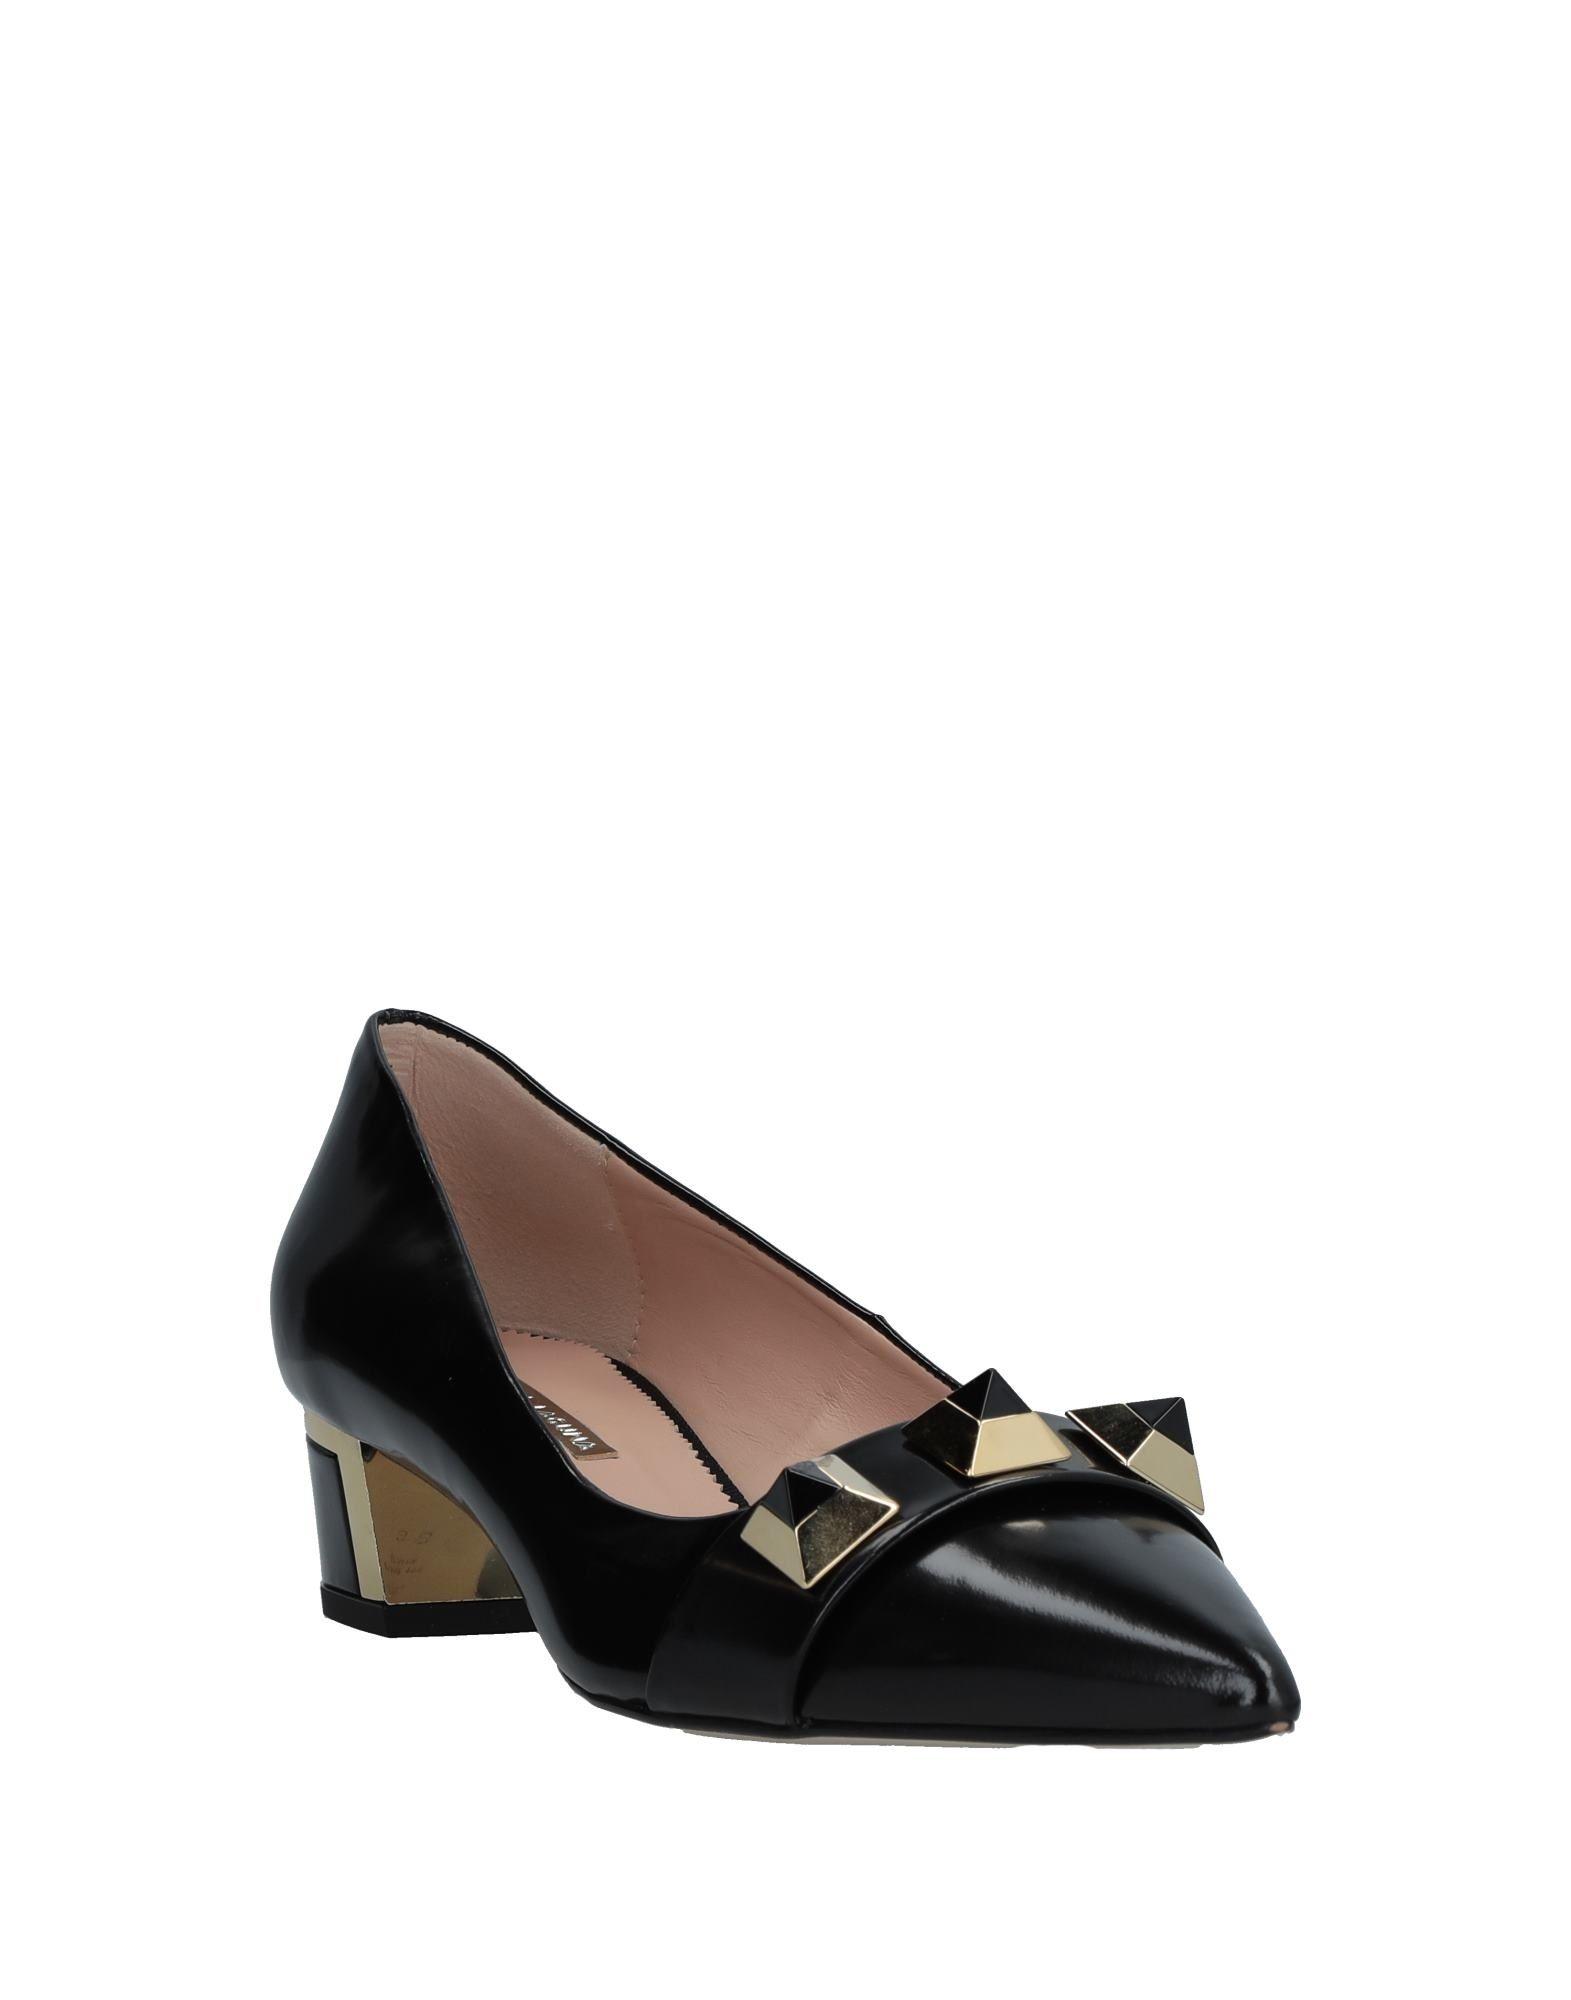 Hannibal Laguna Pumps Damen  11541753TE Gute Schuhe Qualität beliebte Schuhe Gute be27b7